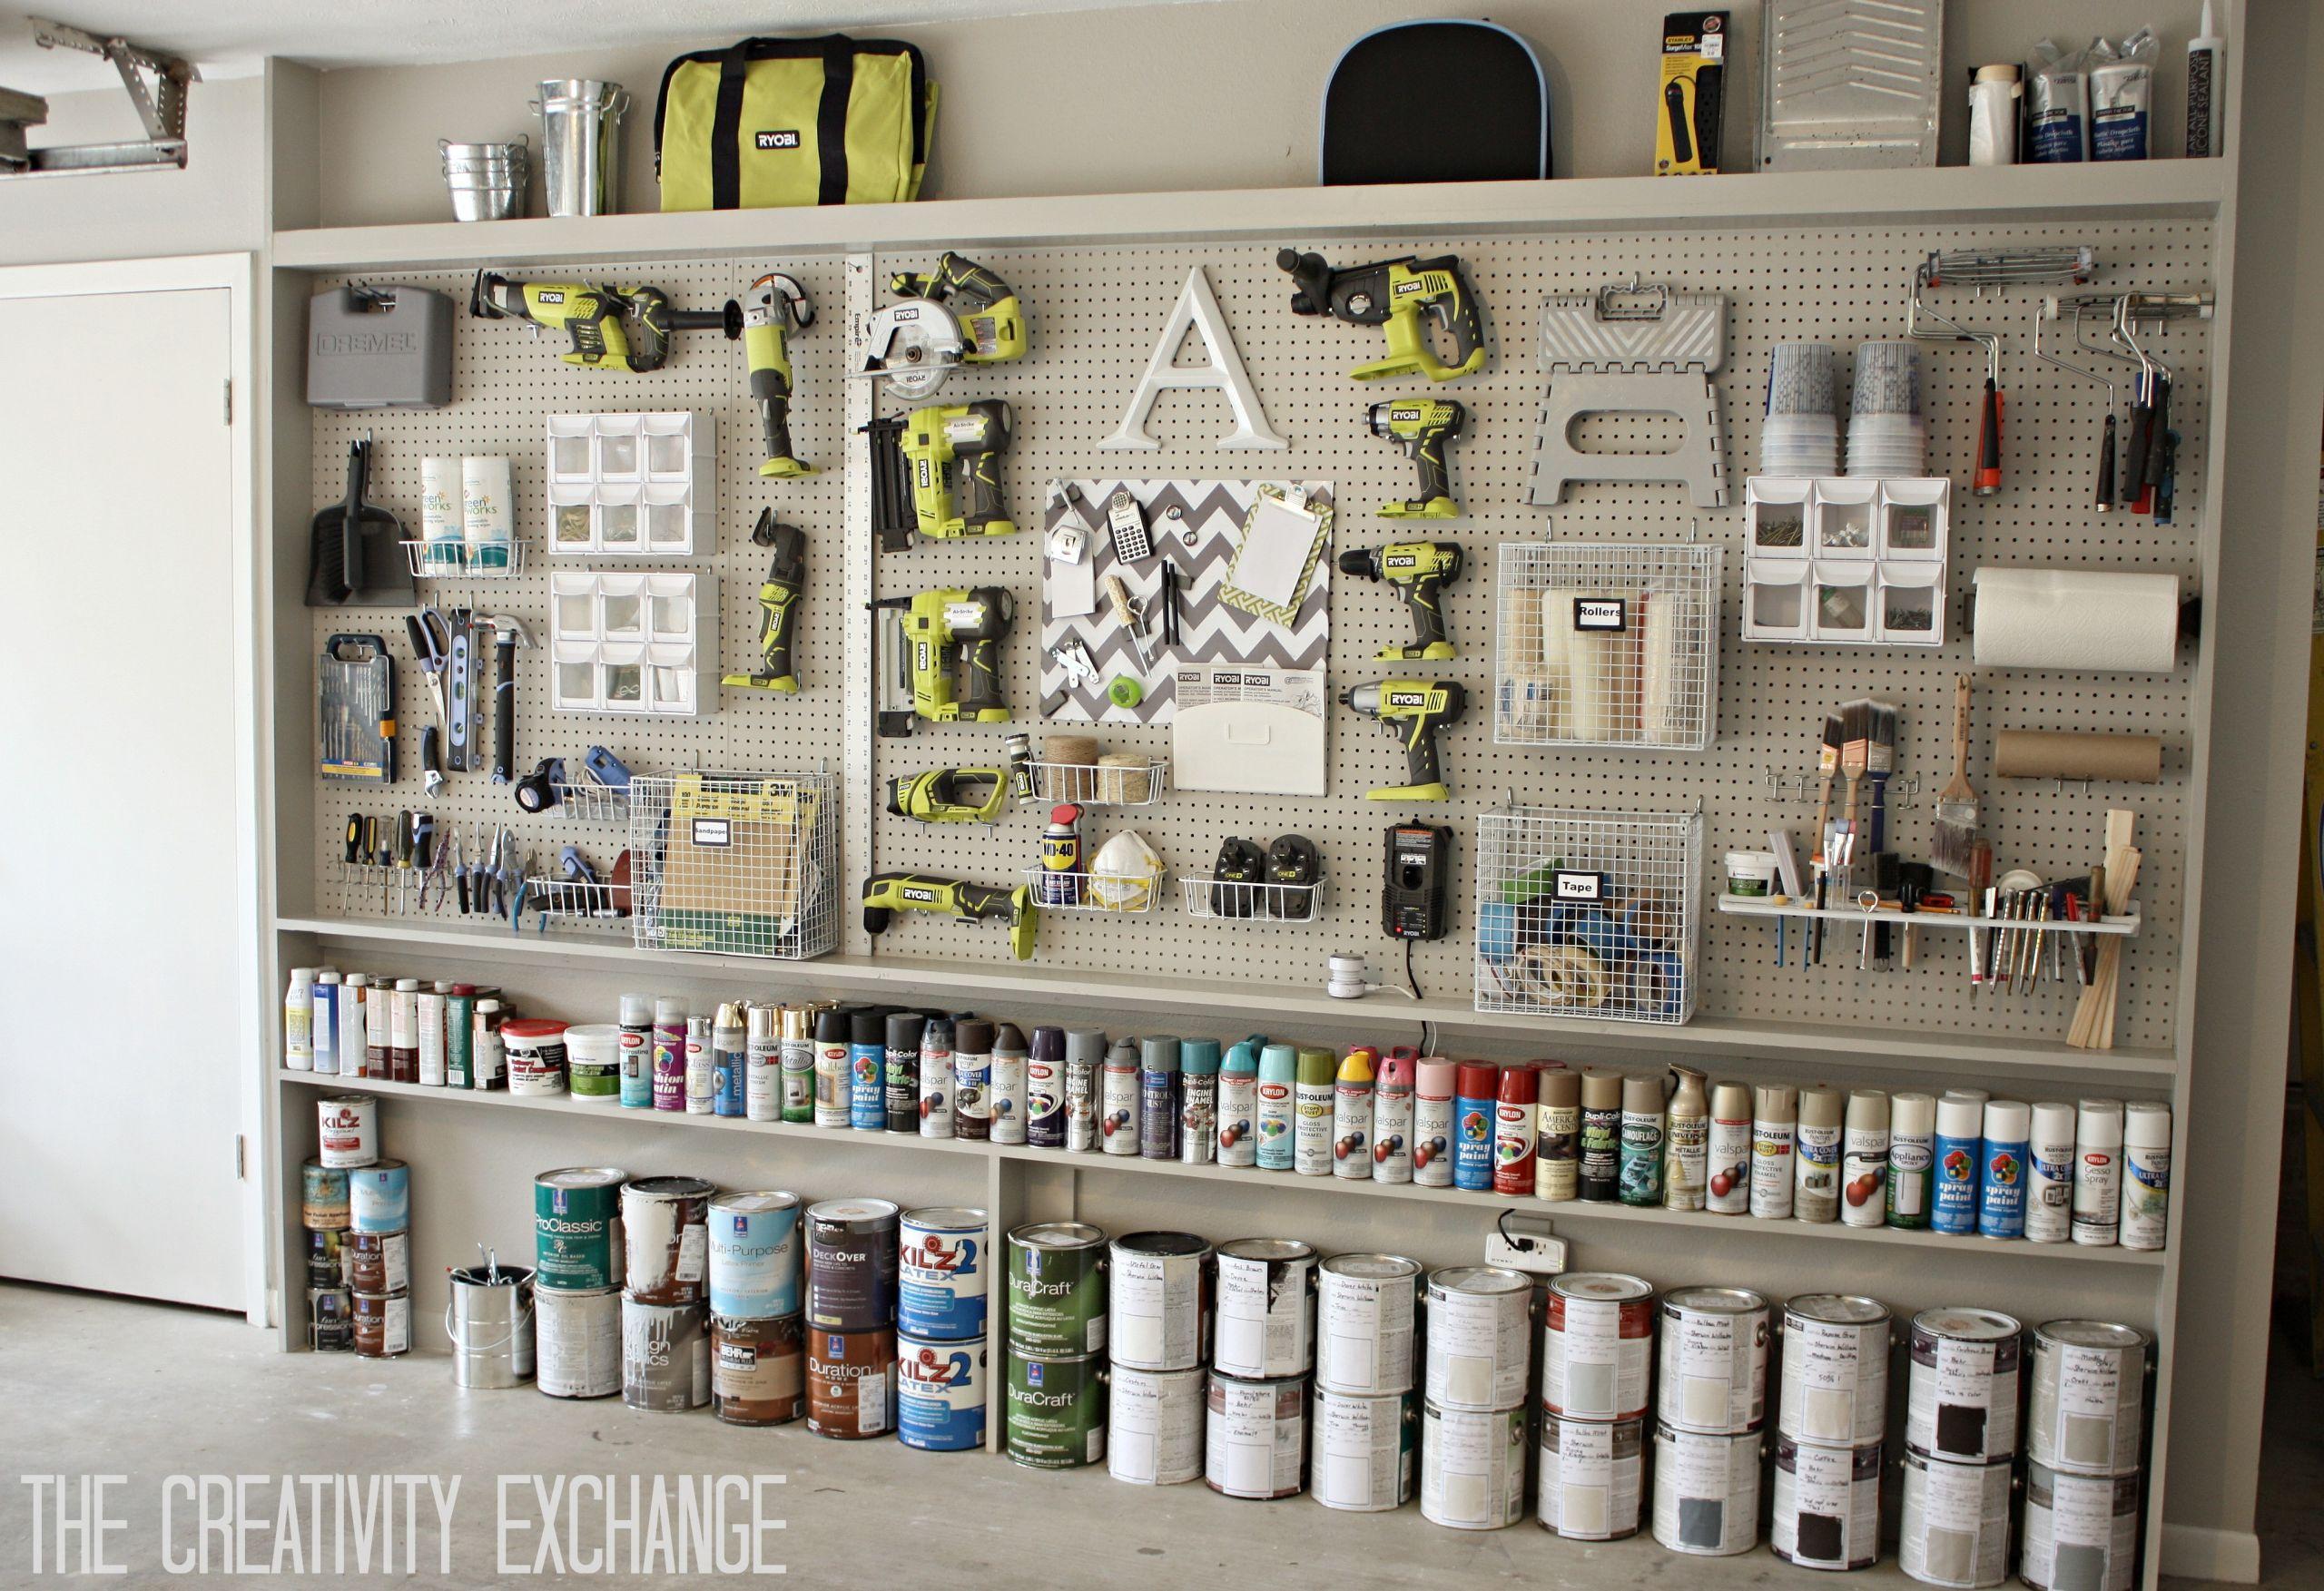 Garage Organizer Ideas Diy  Organizing the Garage with DIY Pegboard Storage Wall